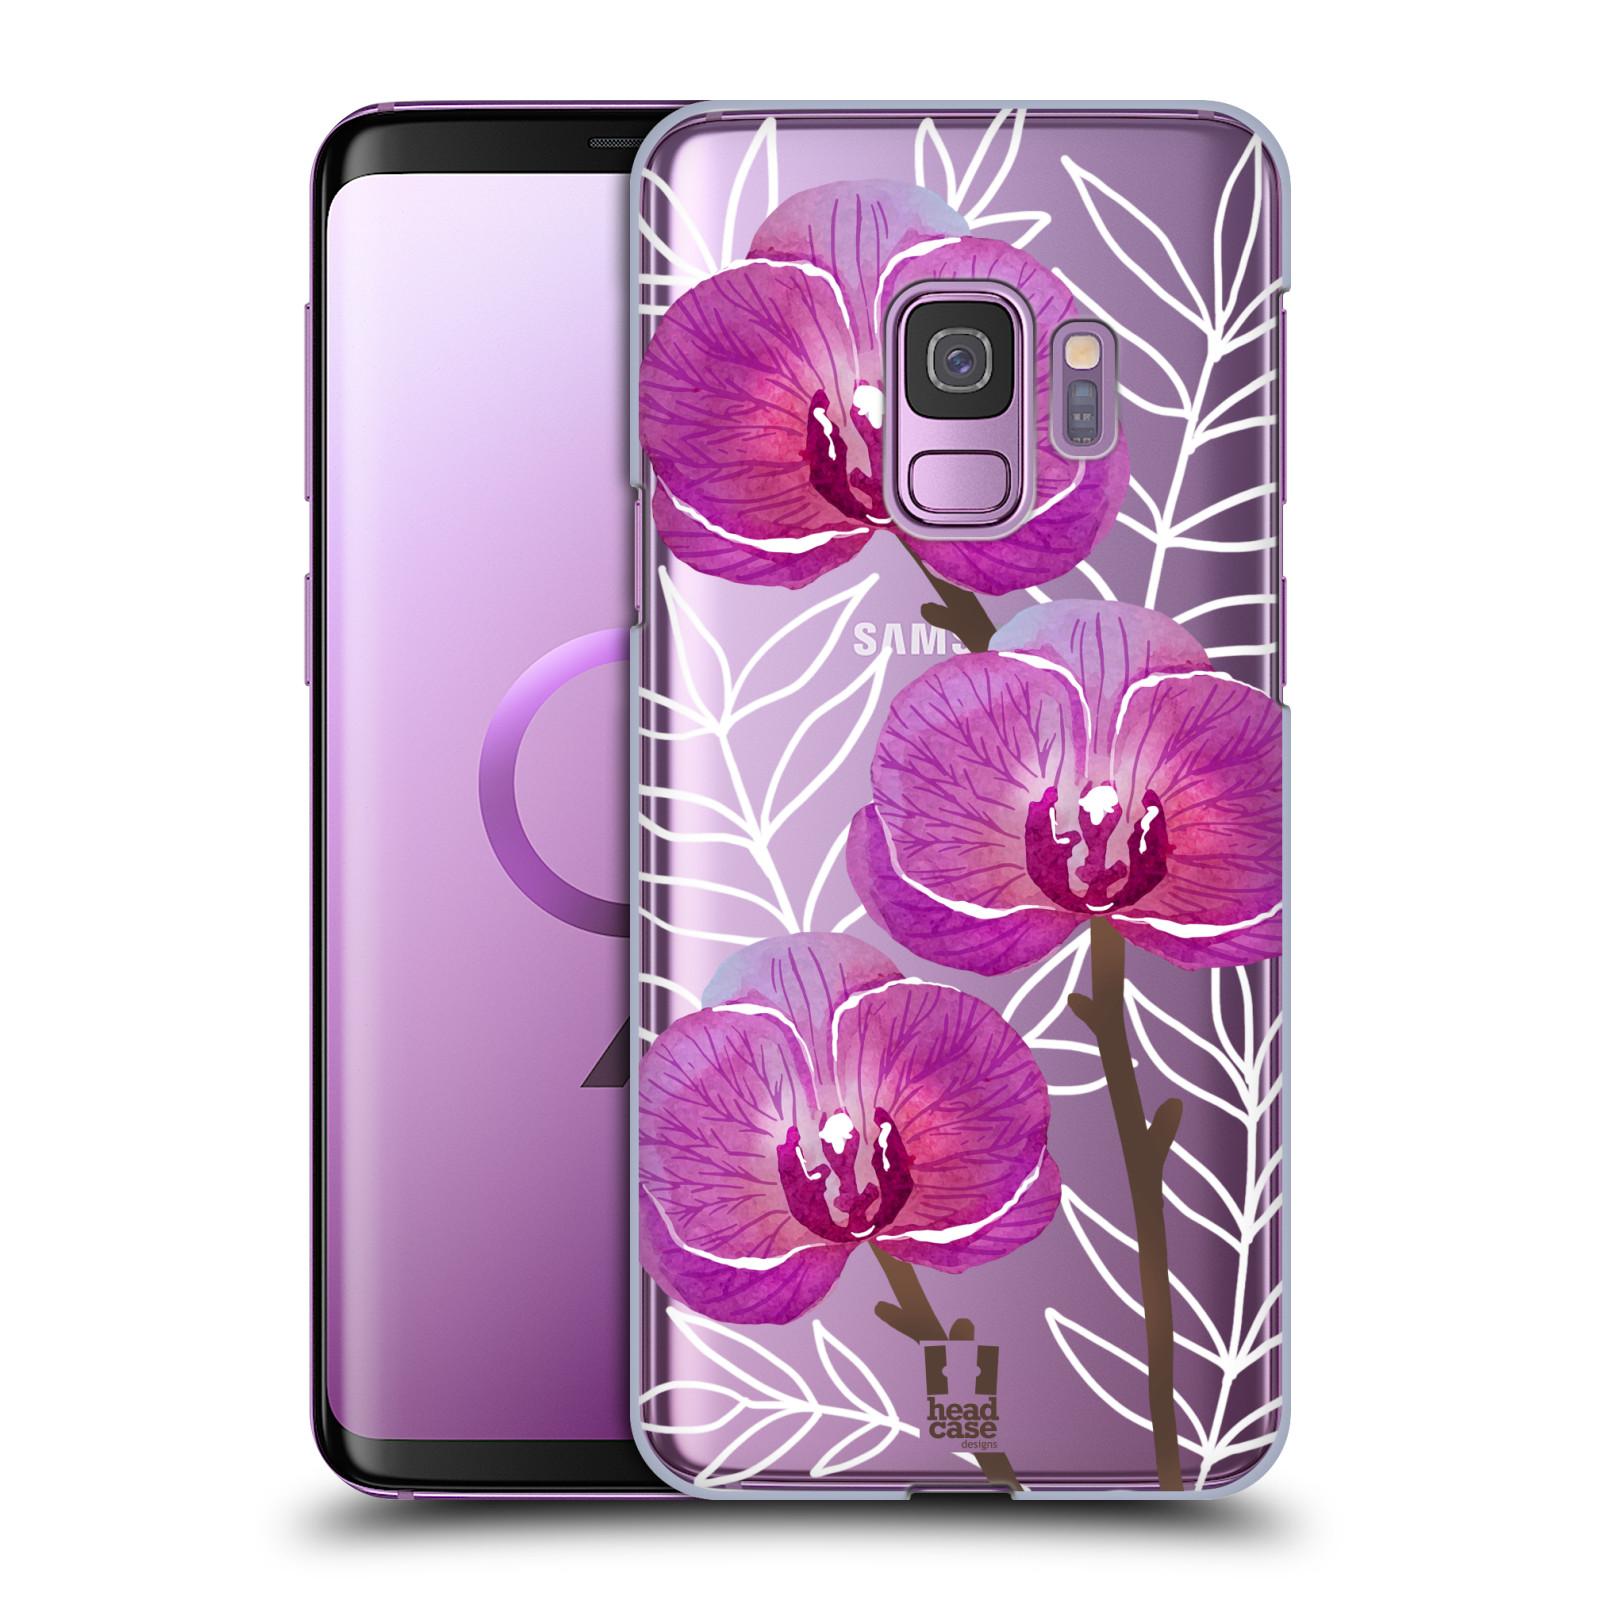 Plastové pouzdro na mobil Samsung Galaxy S9 - Head Case - Hezoučké kvítky - průhledné